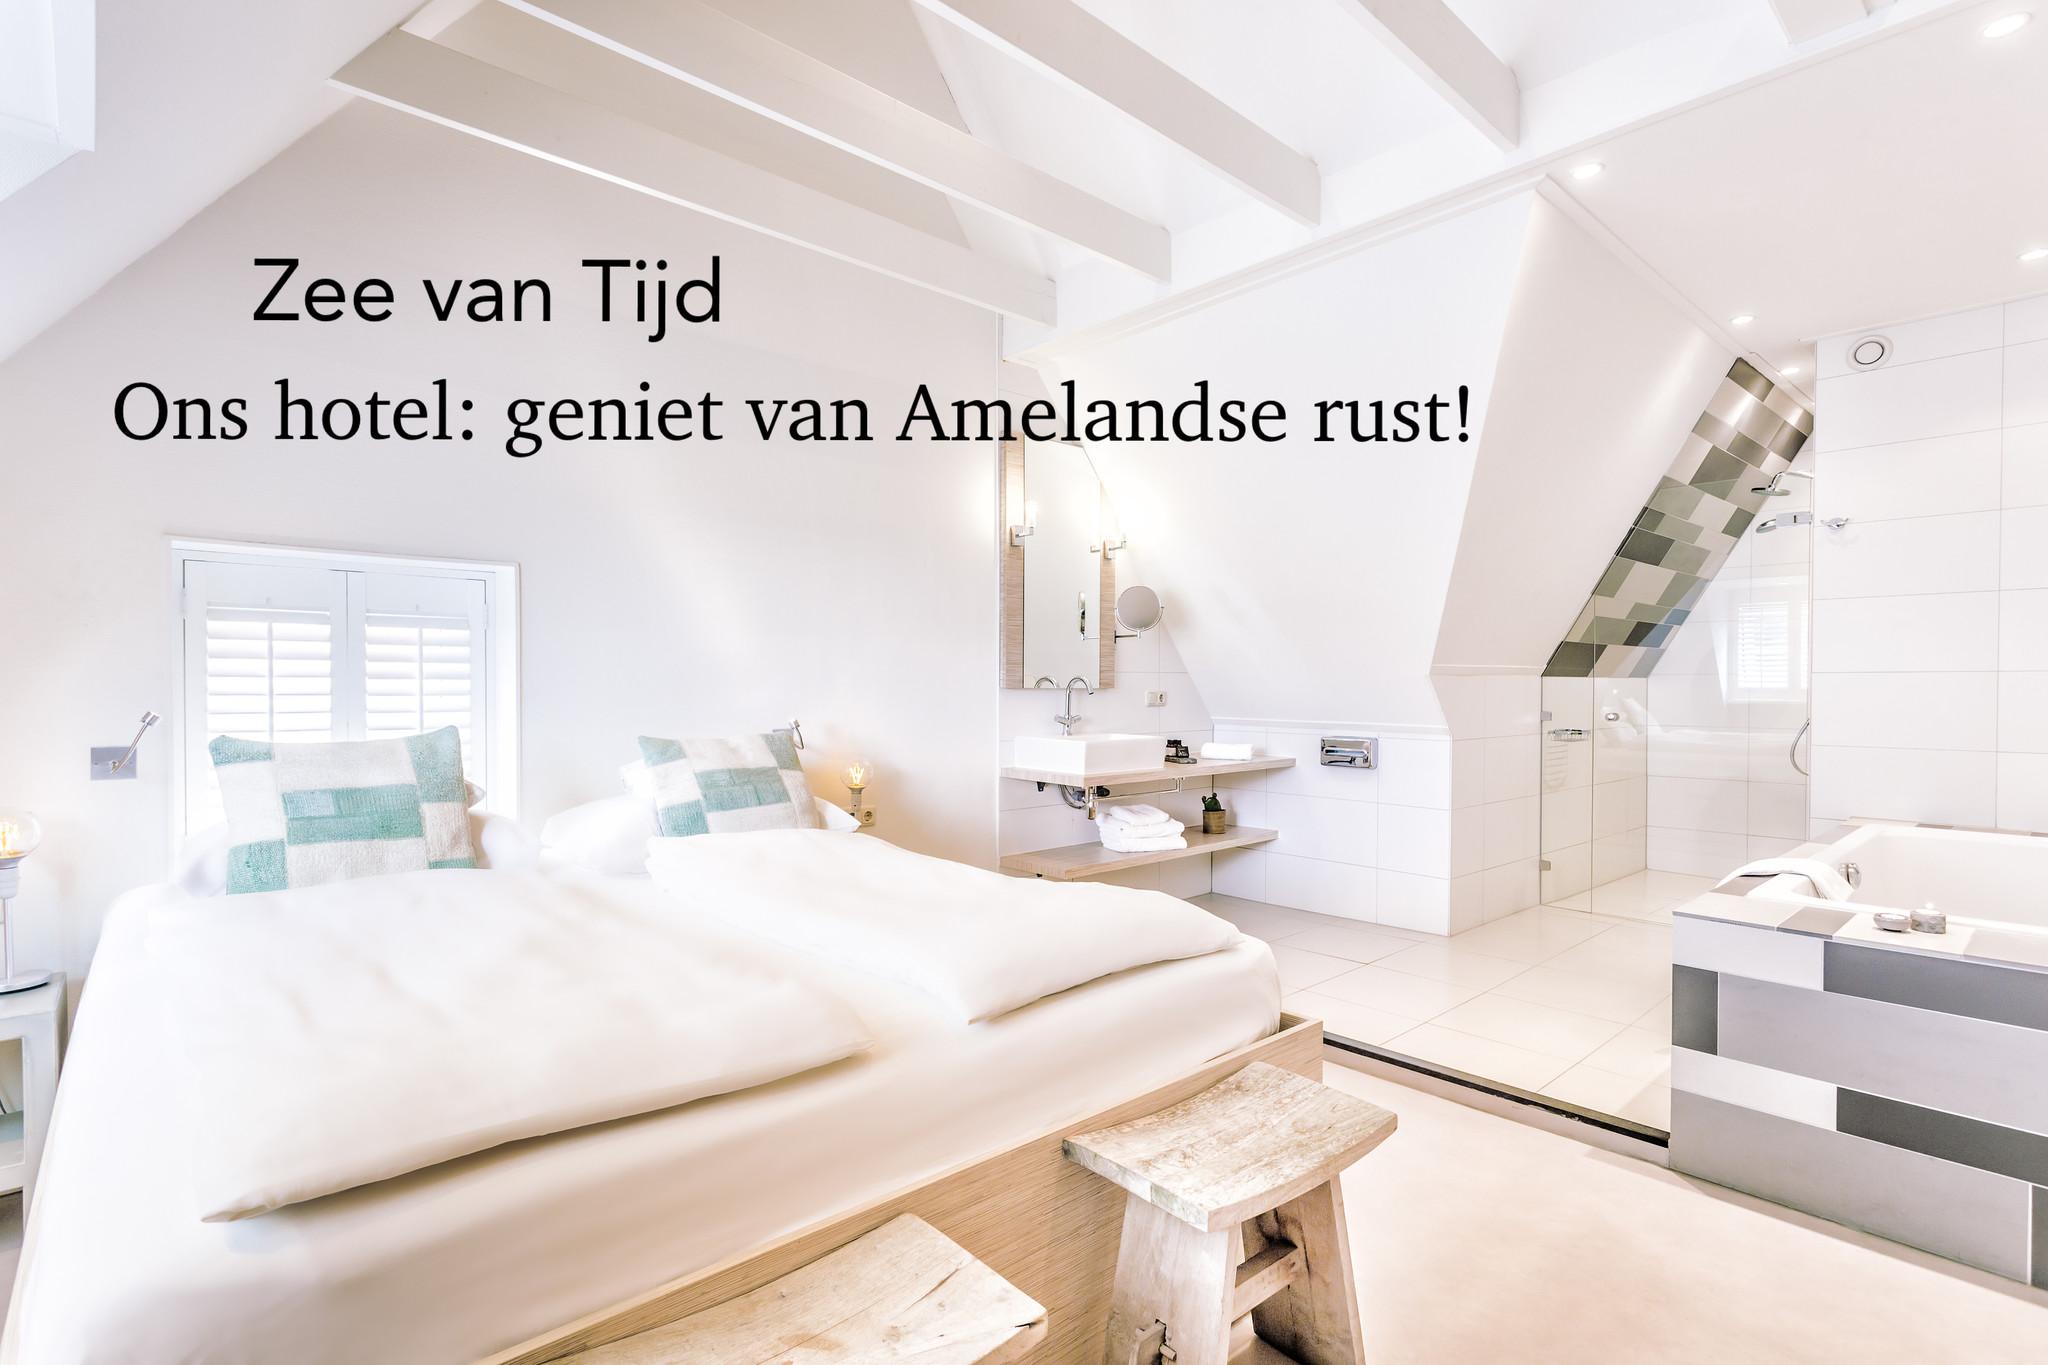 Lekker uitwaaien op Ameland in ons hotel!